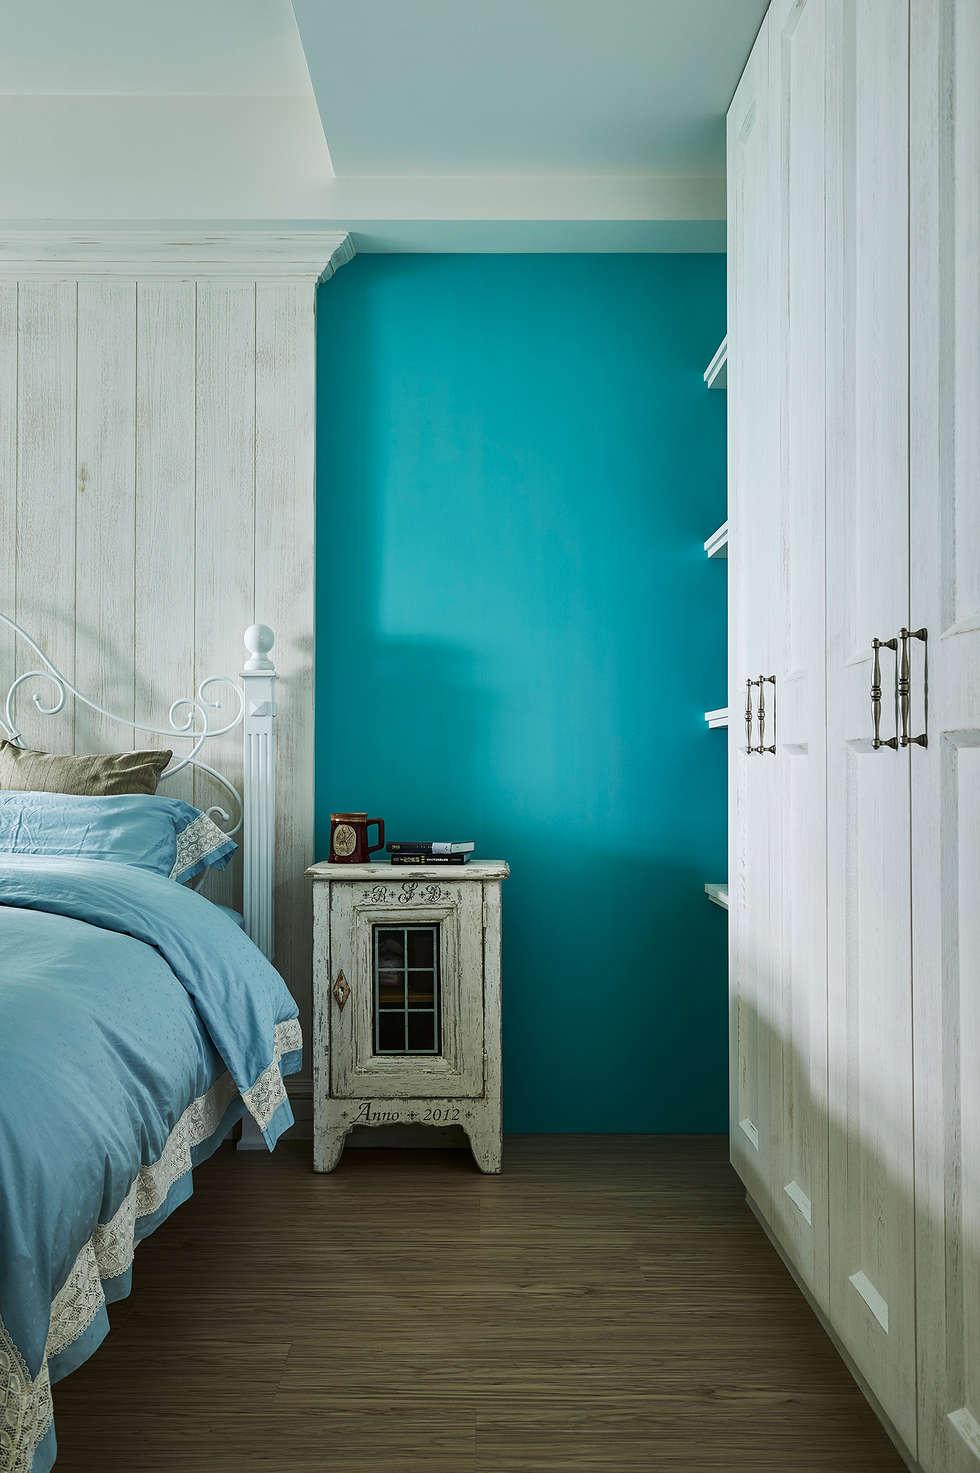 蒂芬妮藍 ×復古白,刷出寧靜夢幻感:  臥室 by 青瓷設計工程有限公司